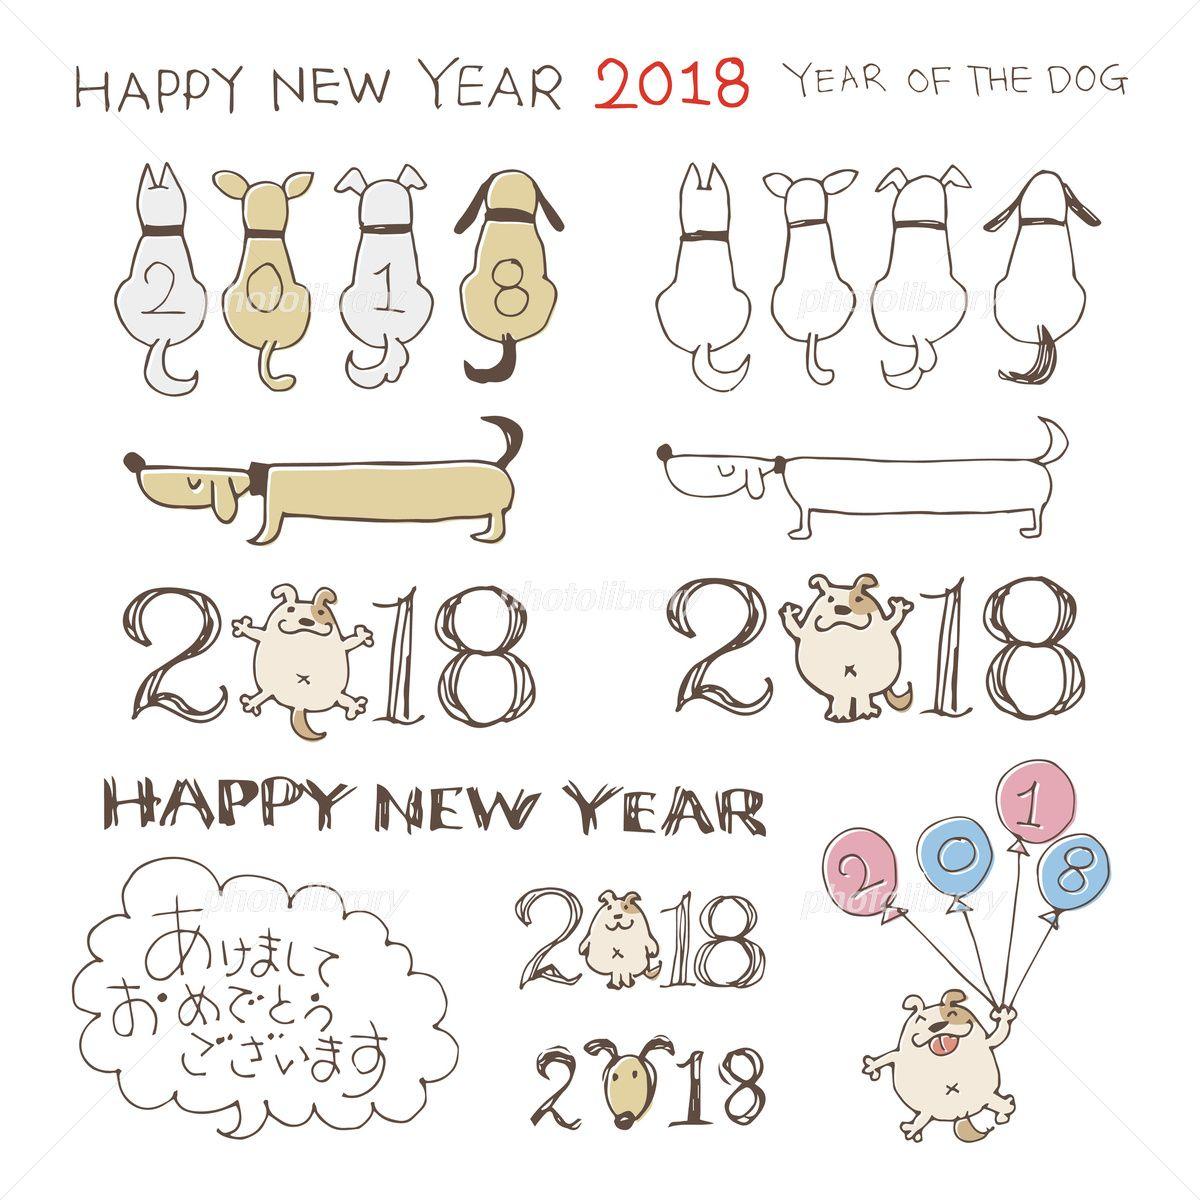 戌年 犬と年号(2018) 賀詞 年賀状イラスト素材 イラスト素材-フォト